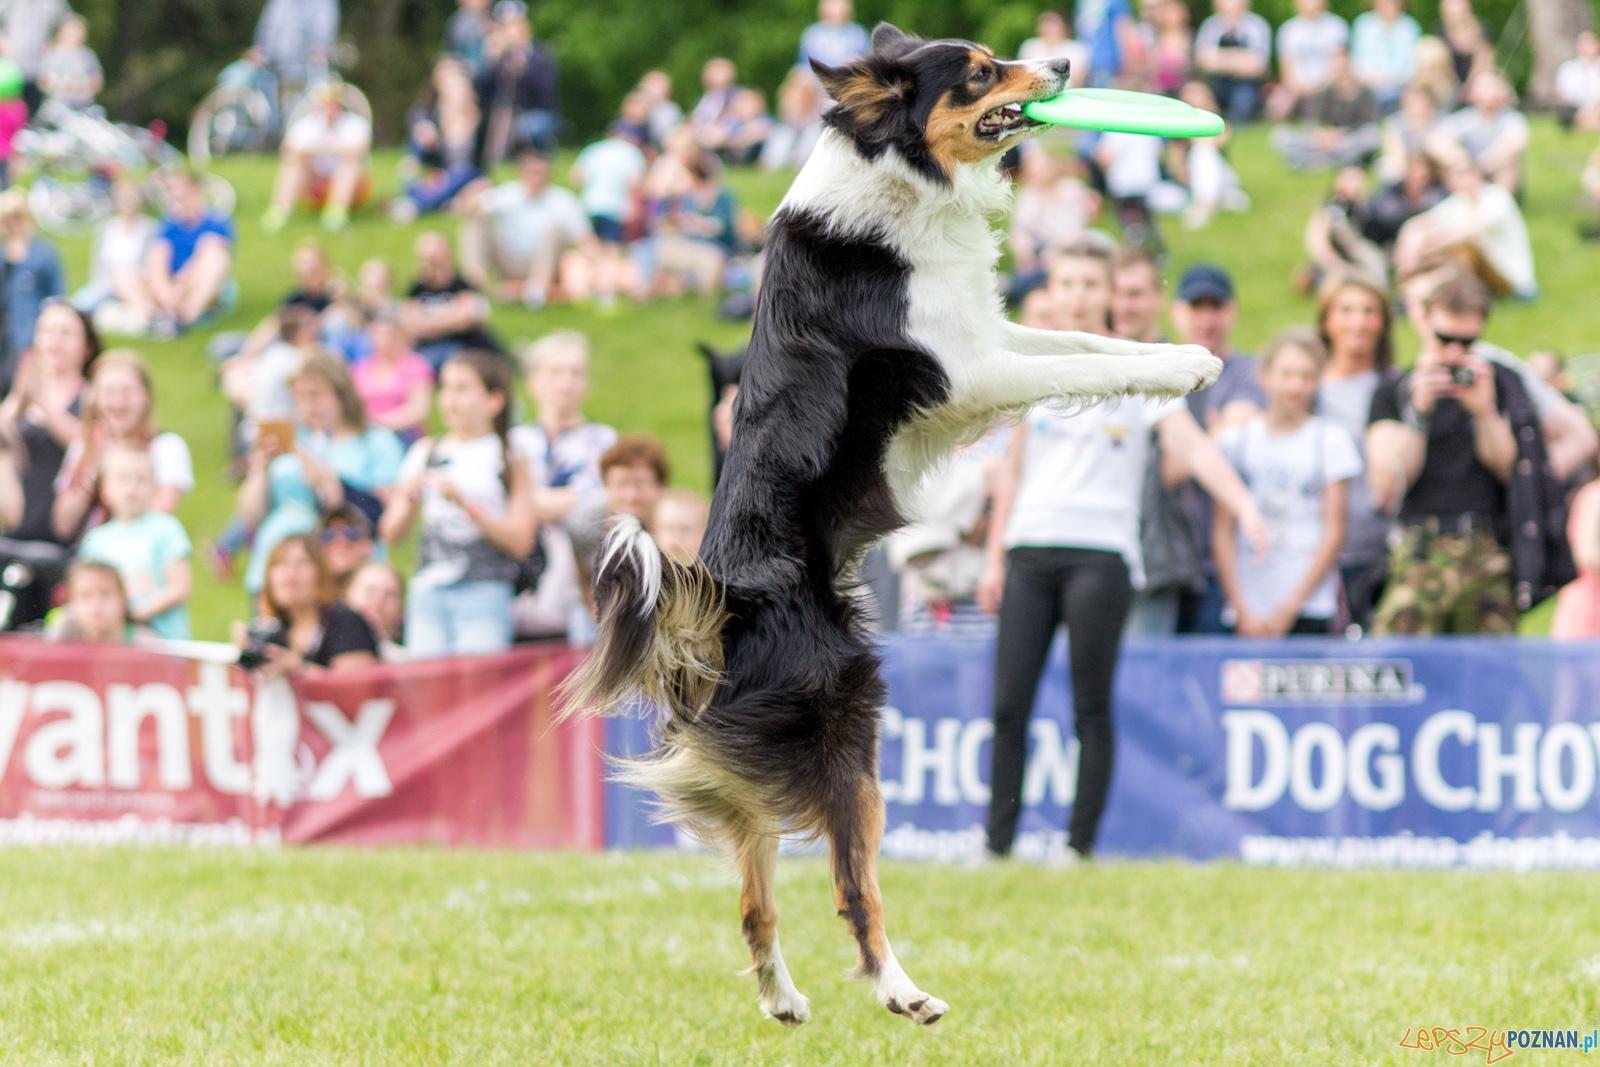 Latajace psy  Foto: lepszyPOZNAN.pl / Ewelina Jaśkowiak